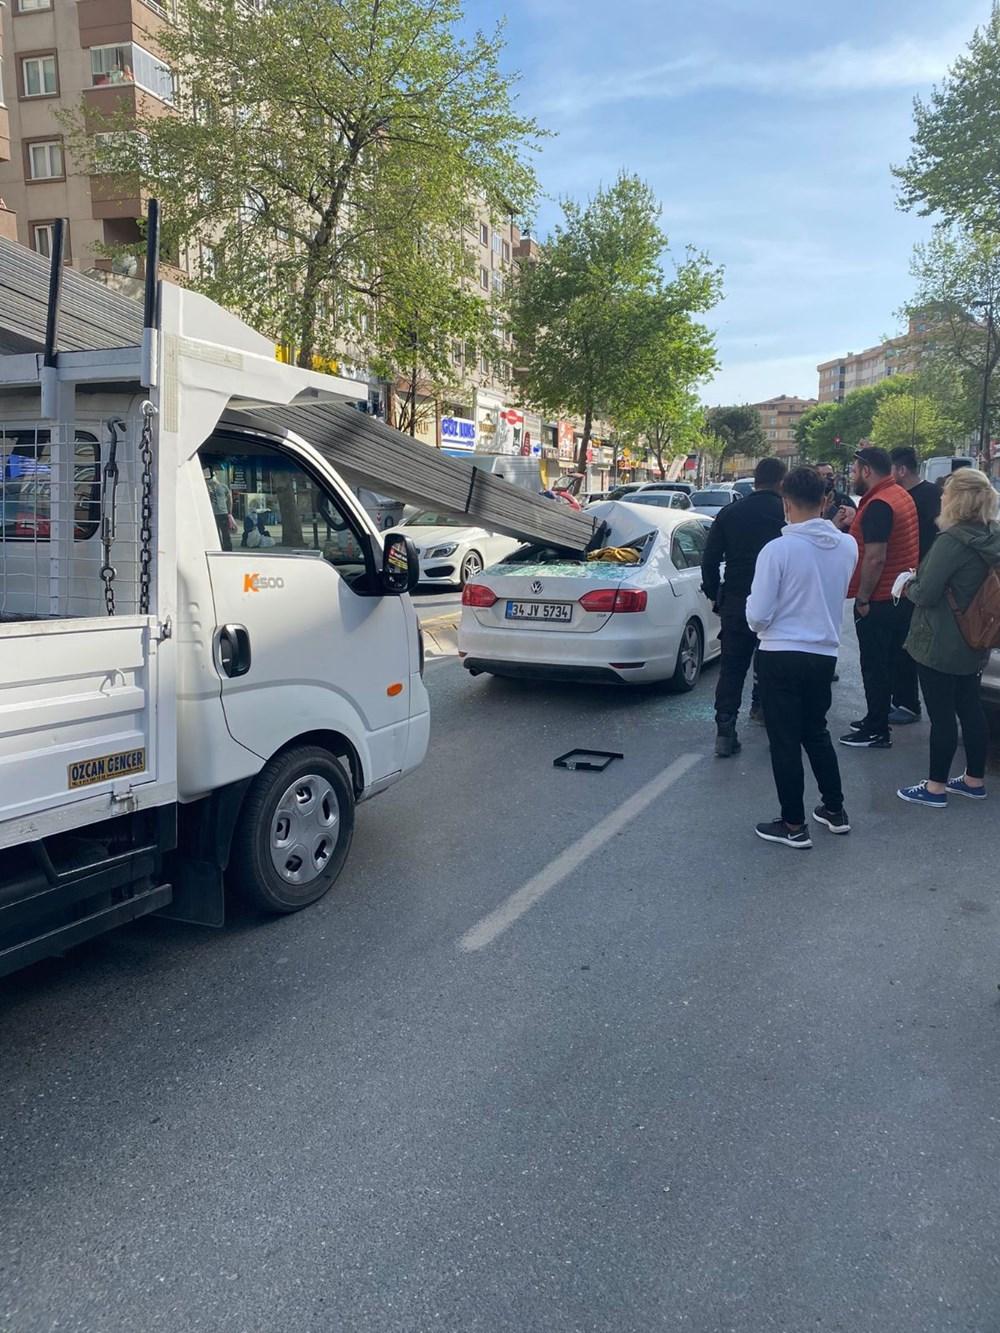 İstanbul'da görünmez kaza: Ölüm teğet geçti - 4